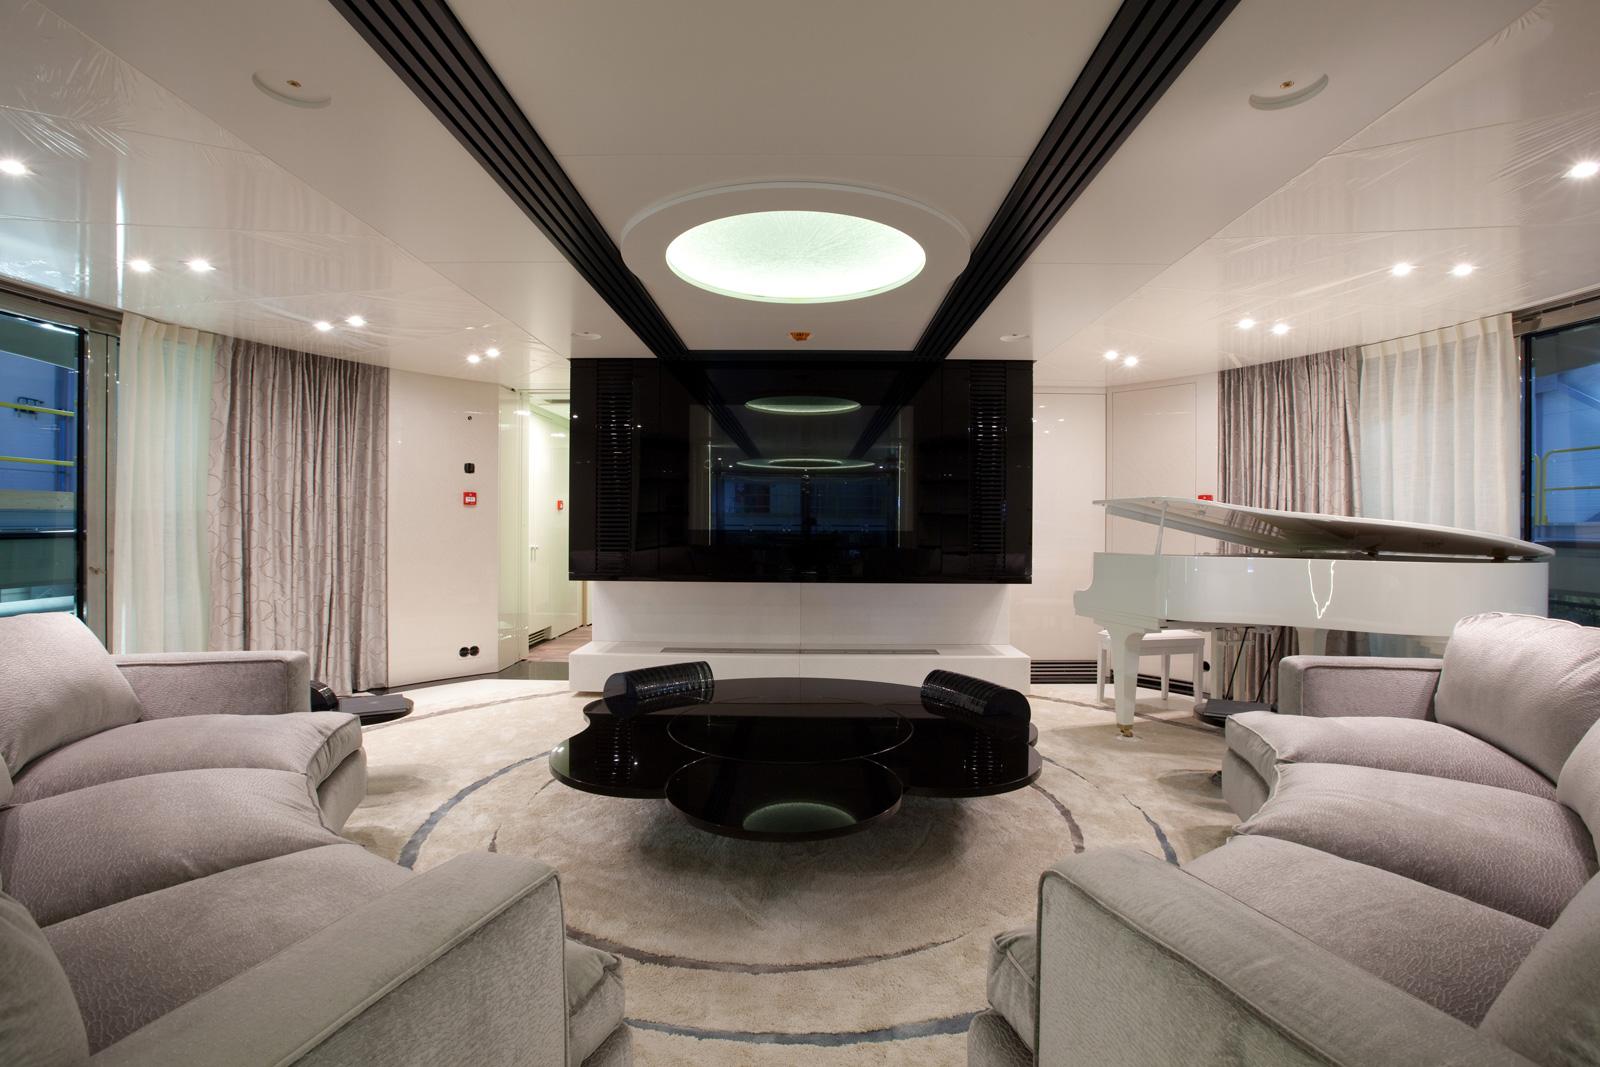 Quinta Essentia Upper Salon (Photo credit to Emilio Bianchi)